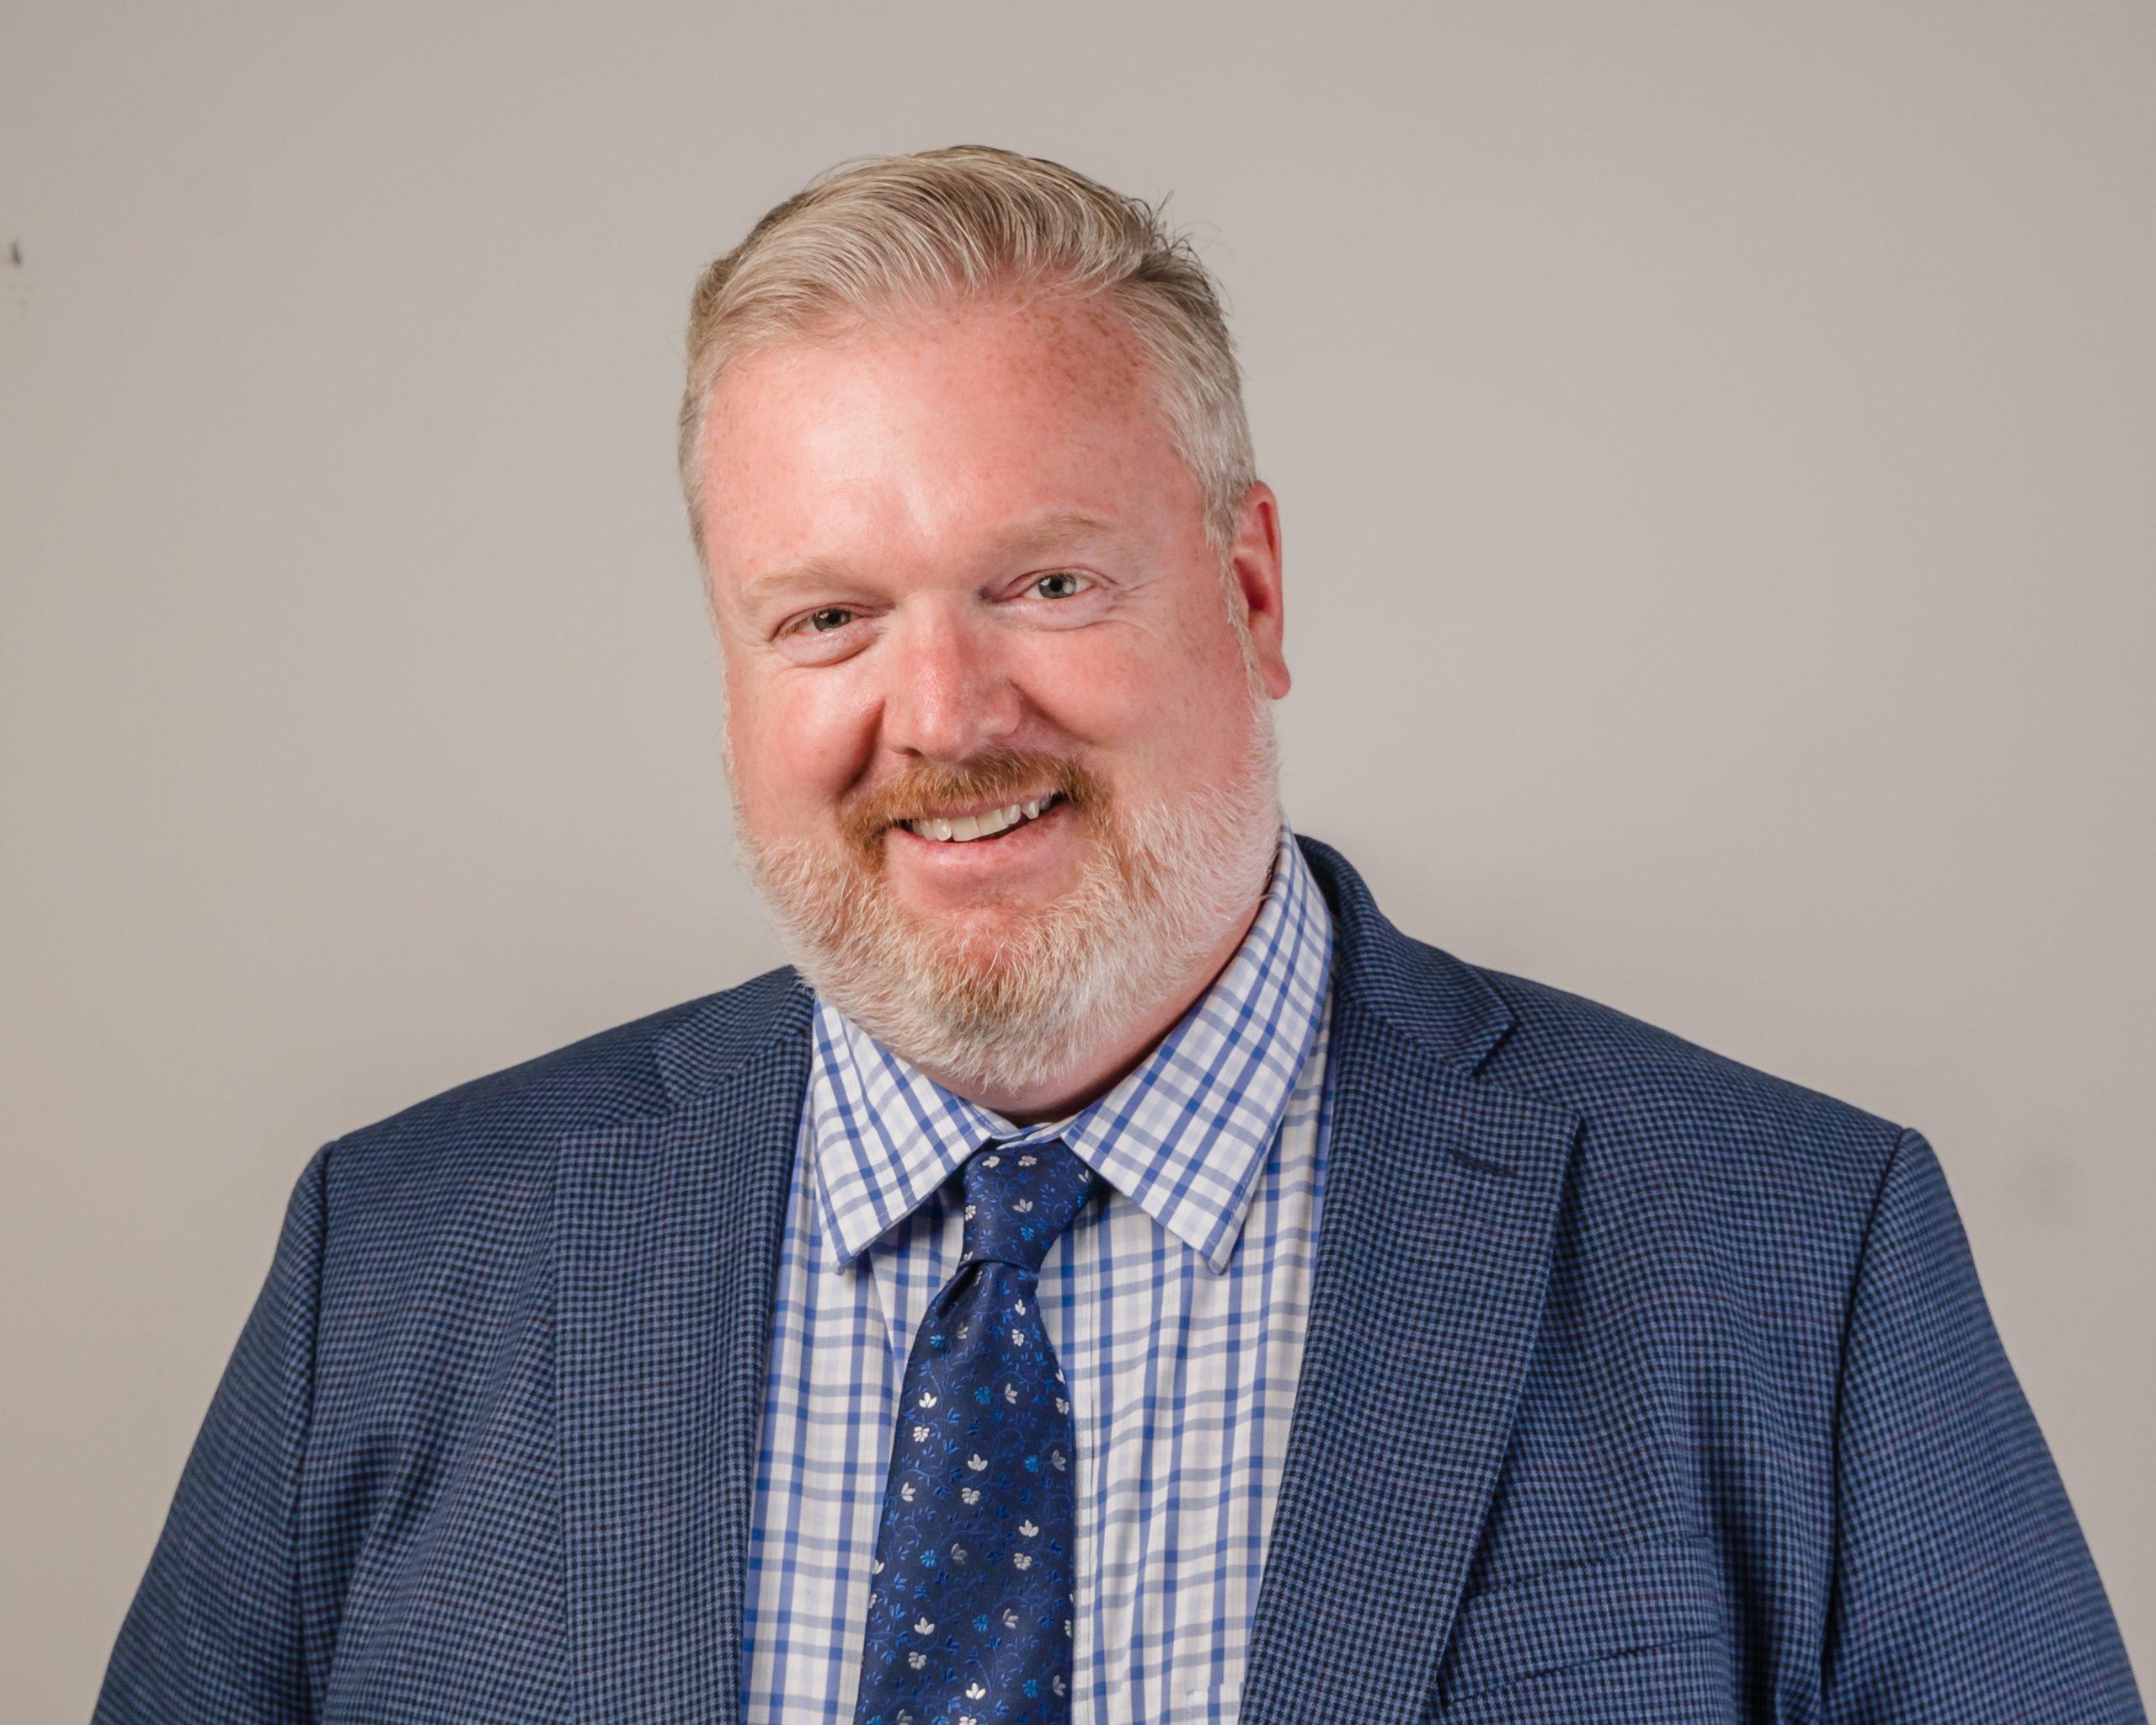 Warren Hougland